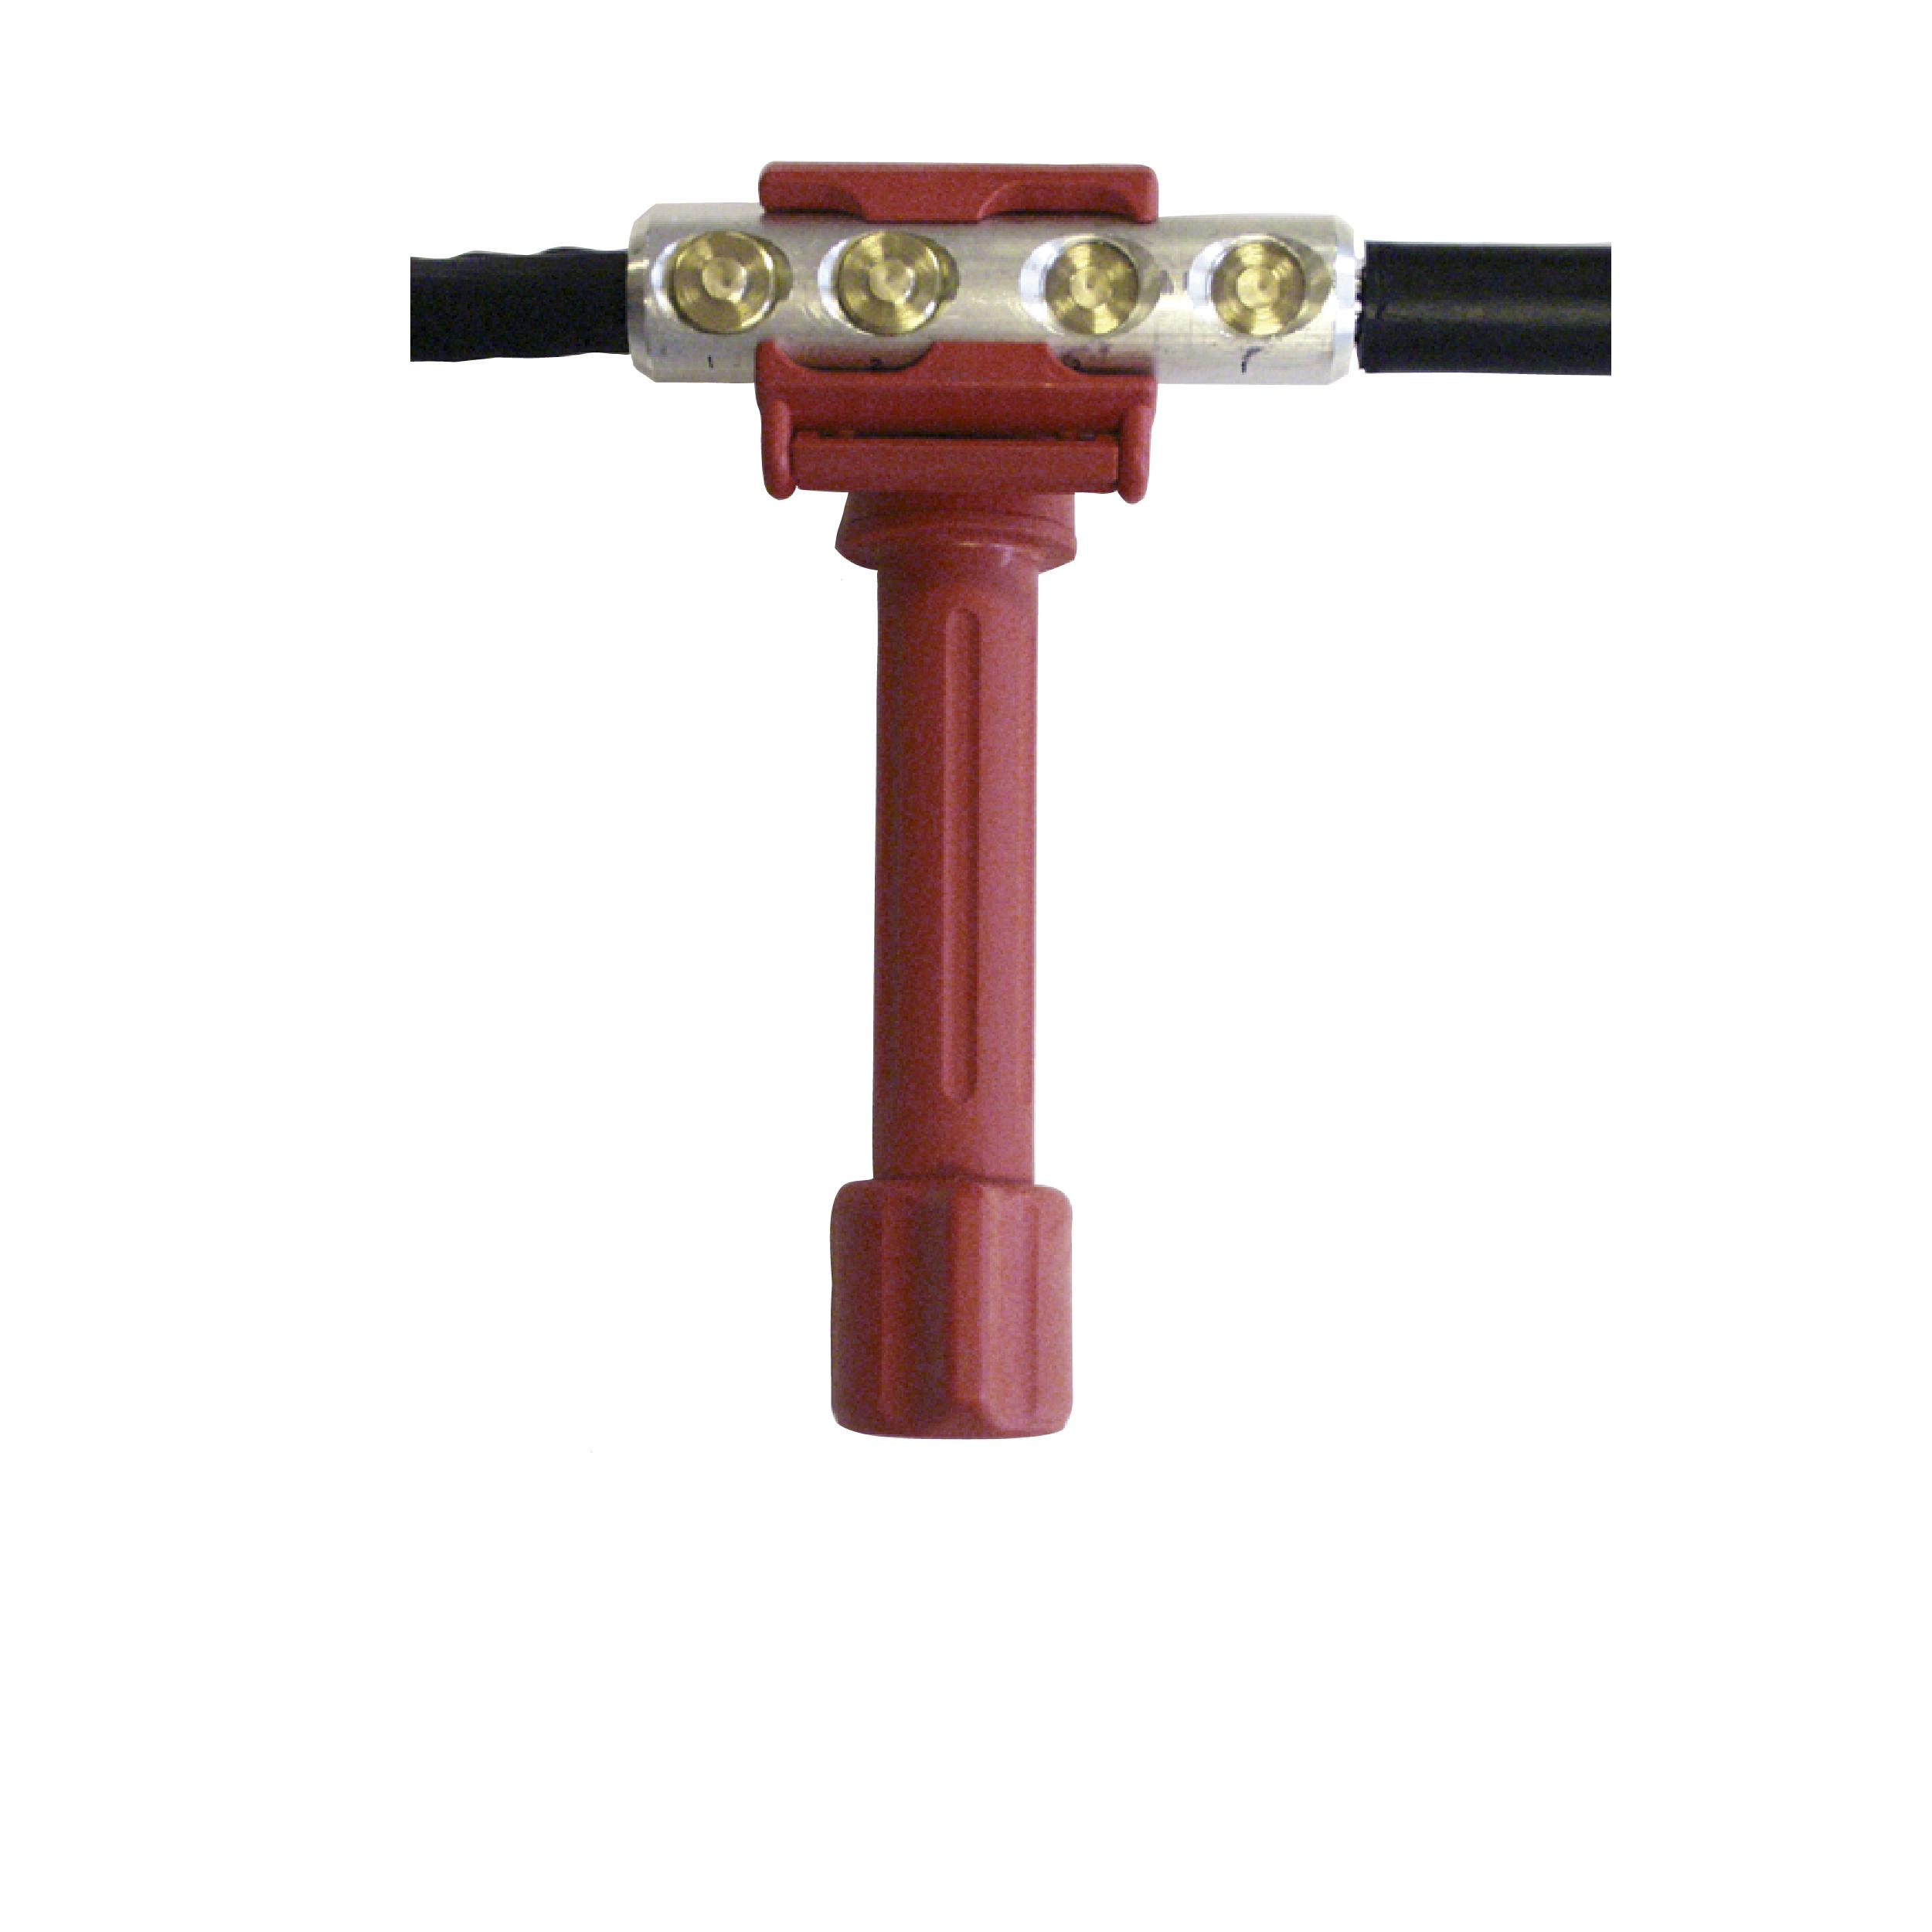 Elpress ISL2201 Holding Tool